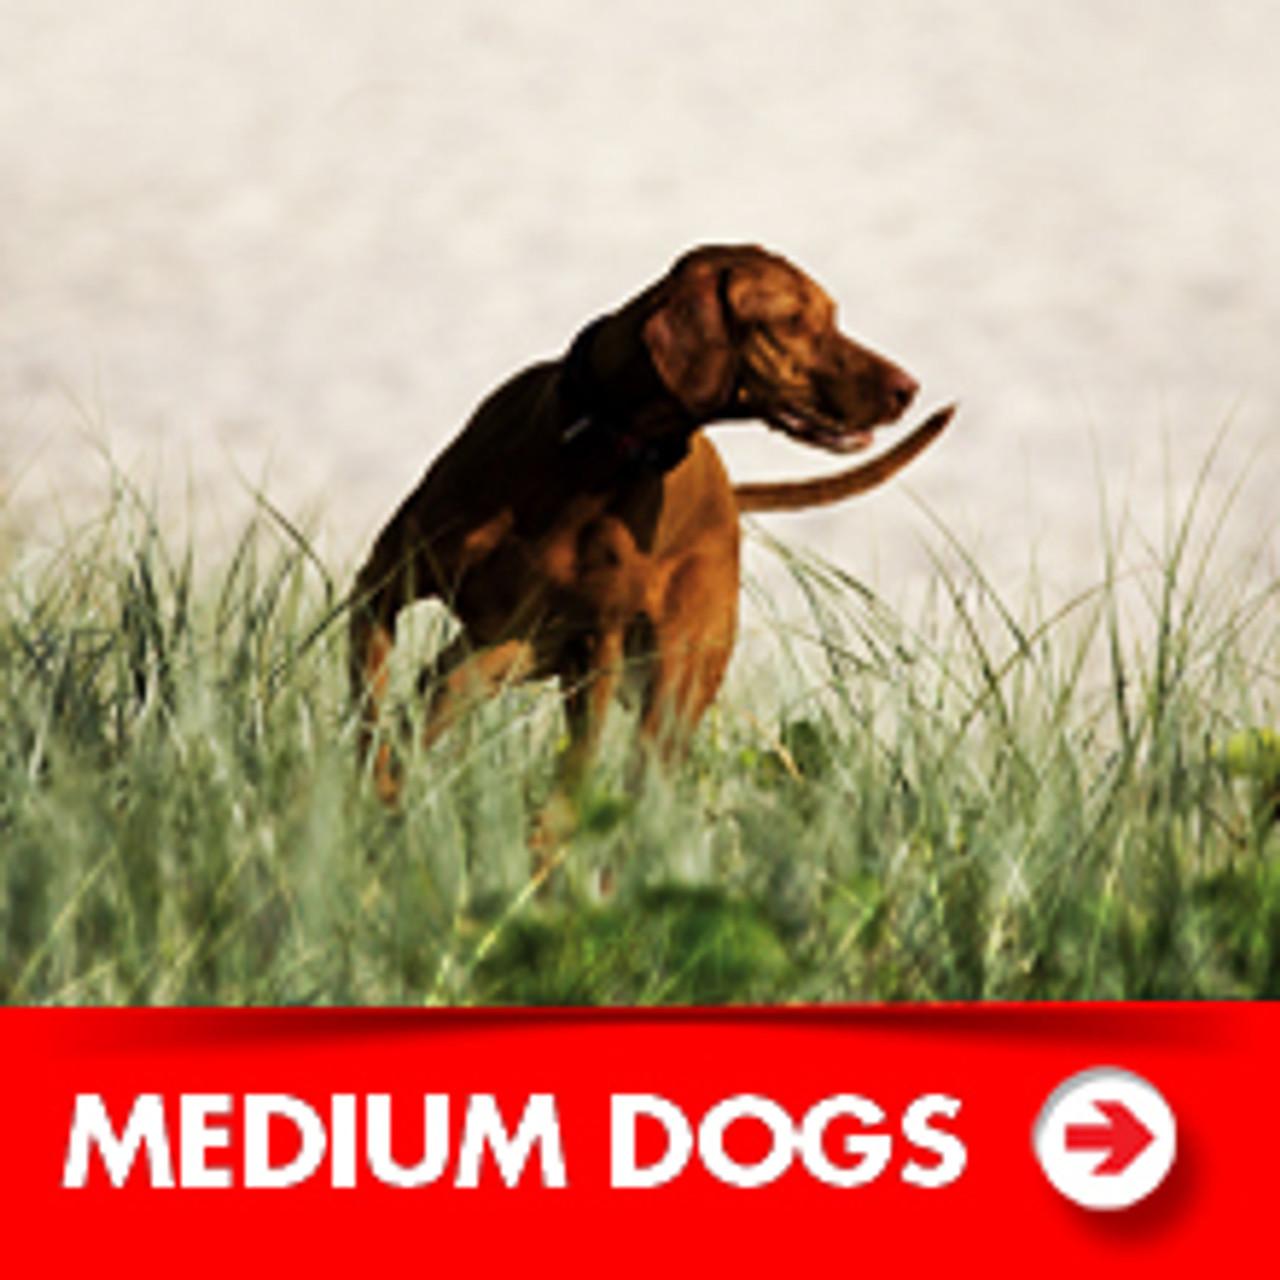 Medium Dog Accessories